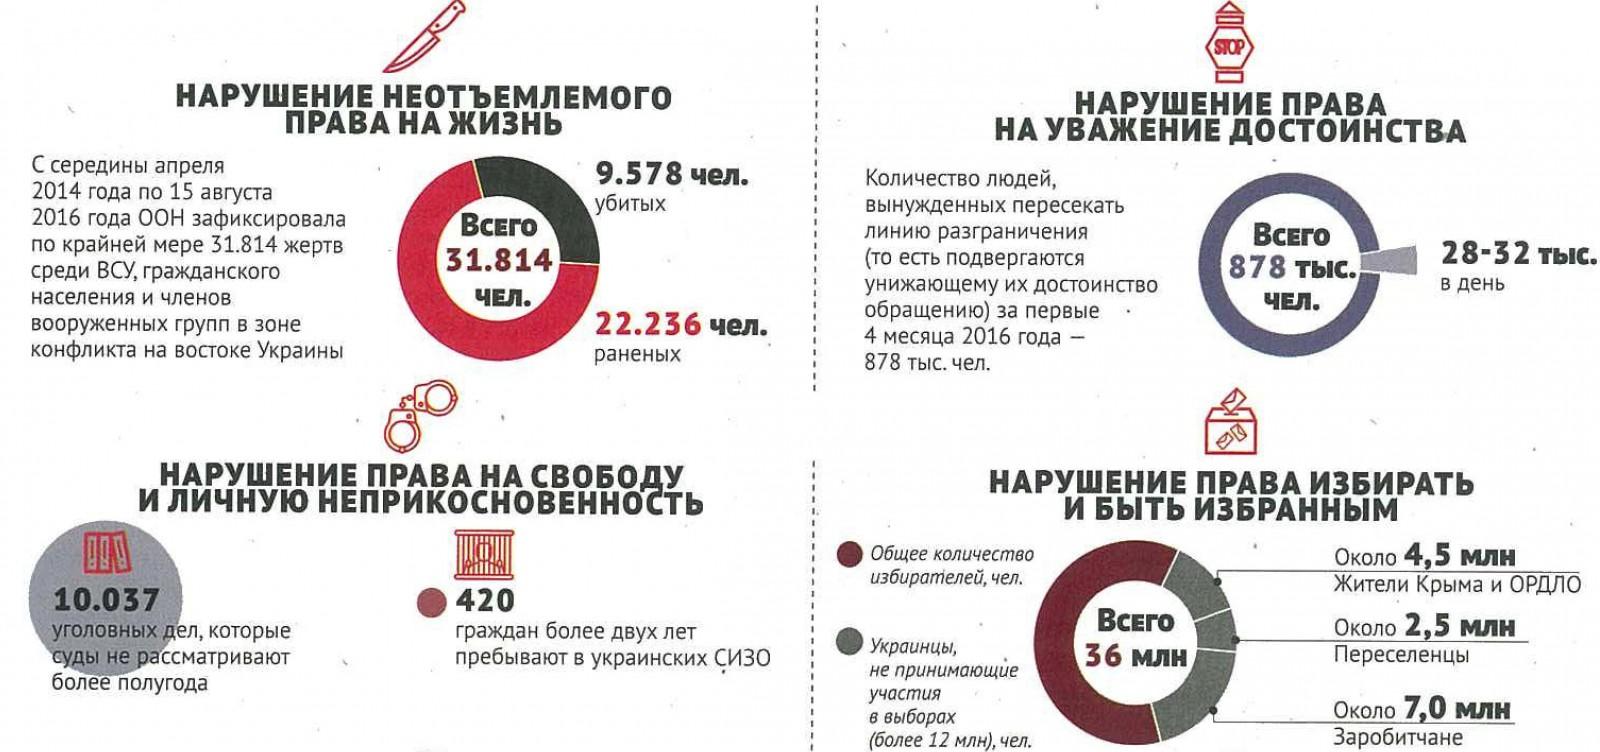 Як в Україні порушують права людини